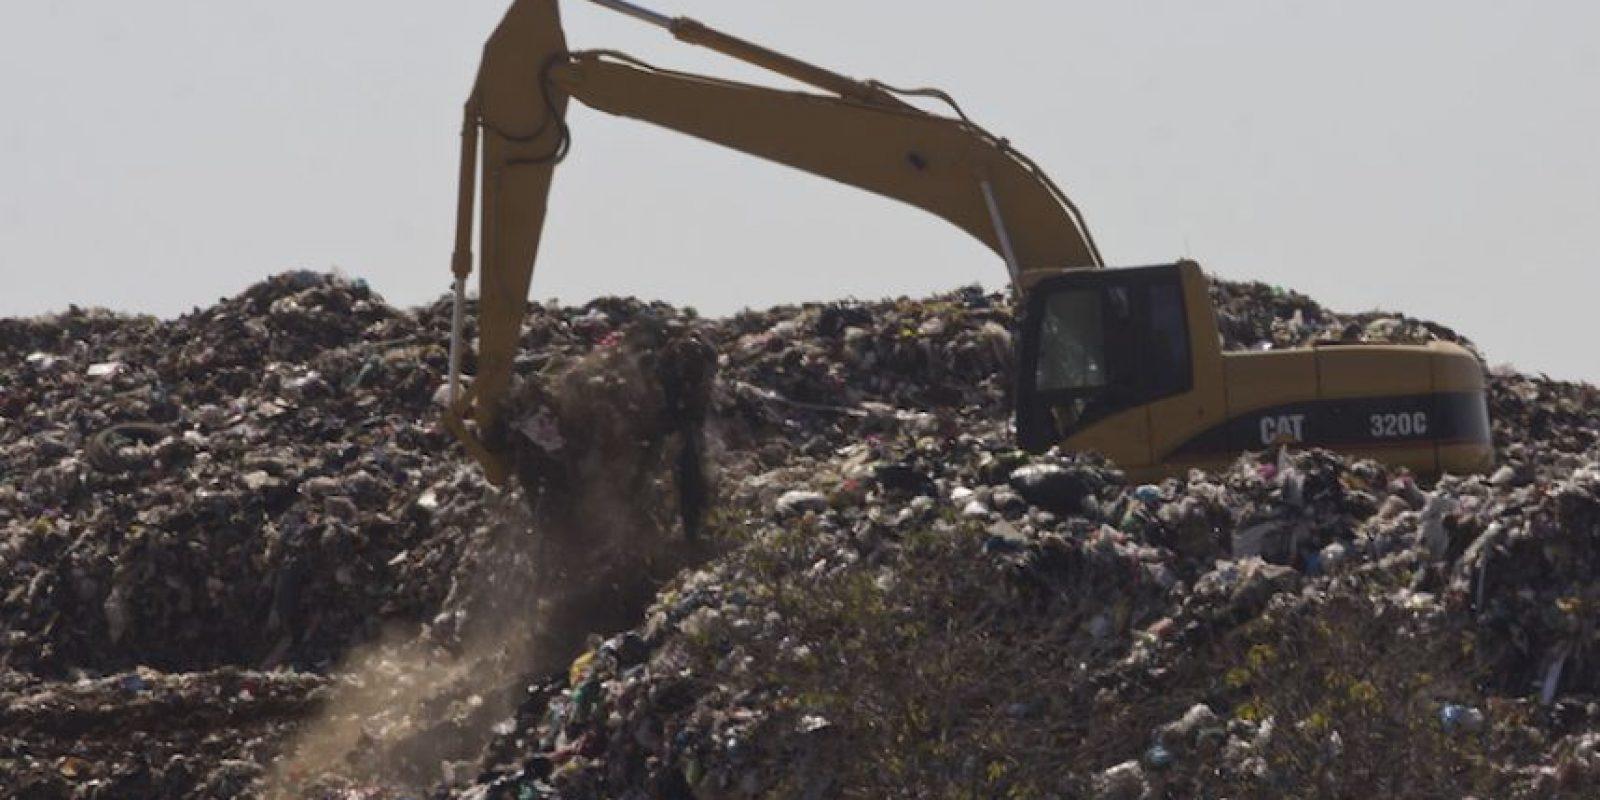 La proliferación de tiraderos de basura clandestinos en la Ciudad de México es un problema que no ha podido frenar el Gobierno capitalino ni las jefaturas delegacionales, pese a las consecuencias ambientales. Foto:Cuartoscuro